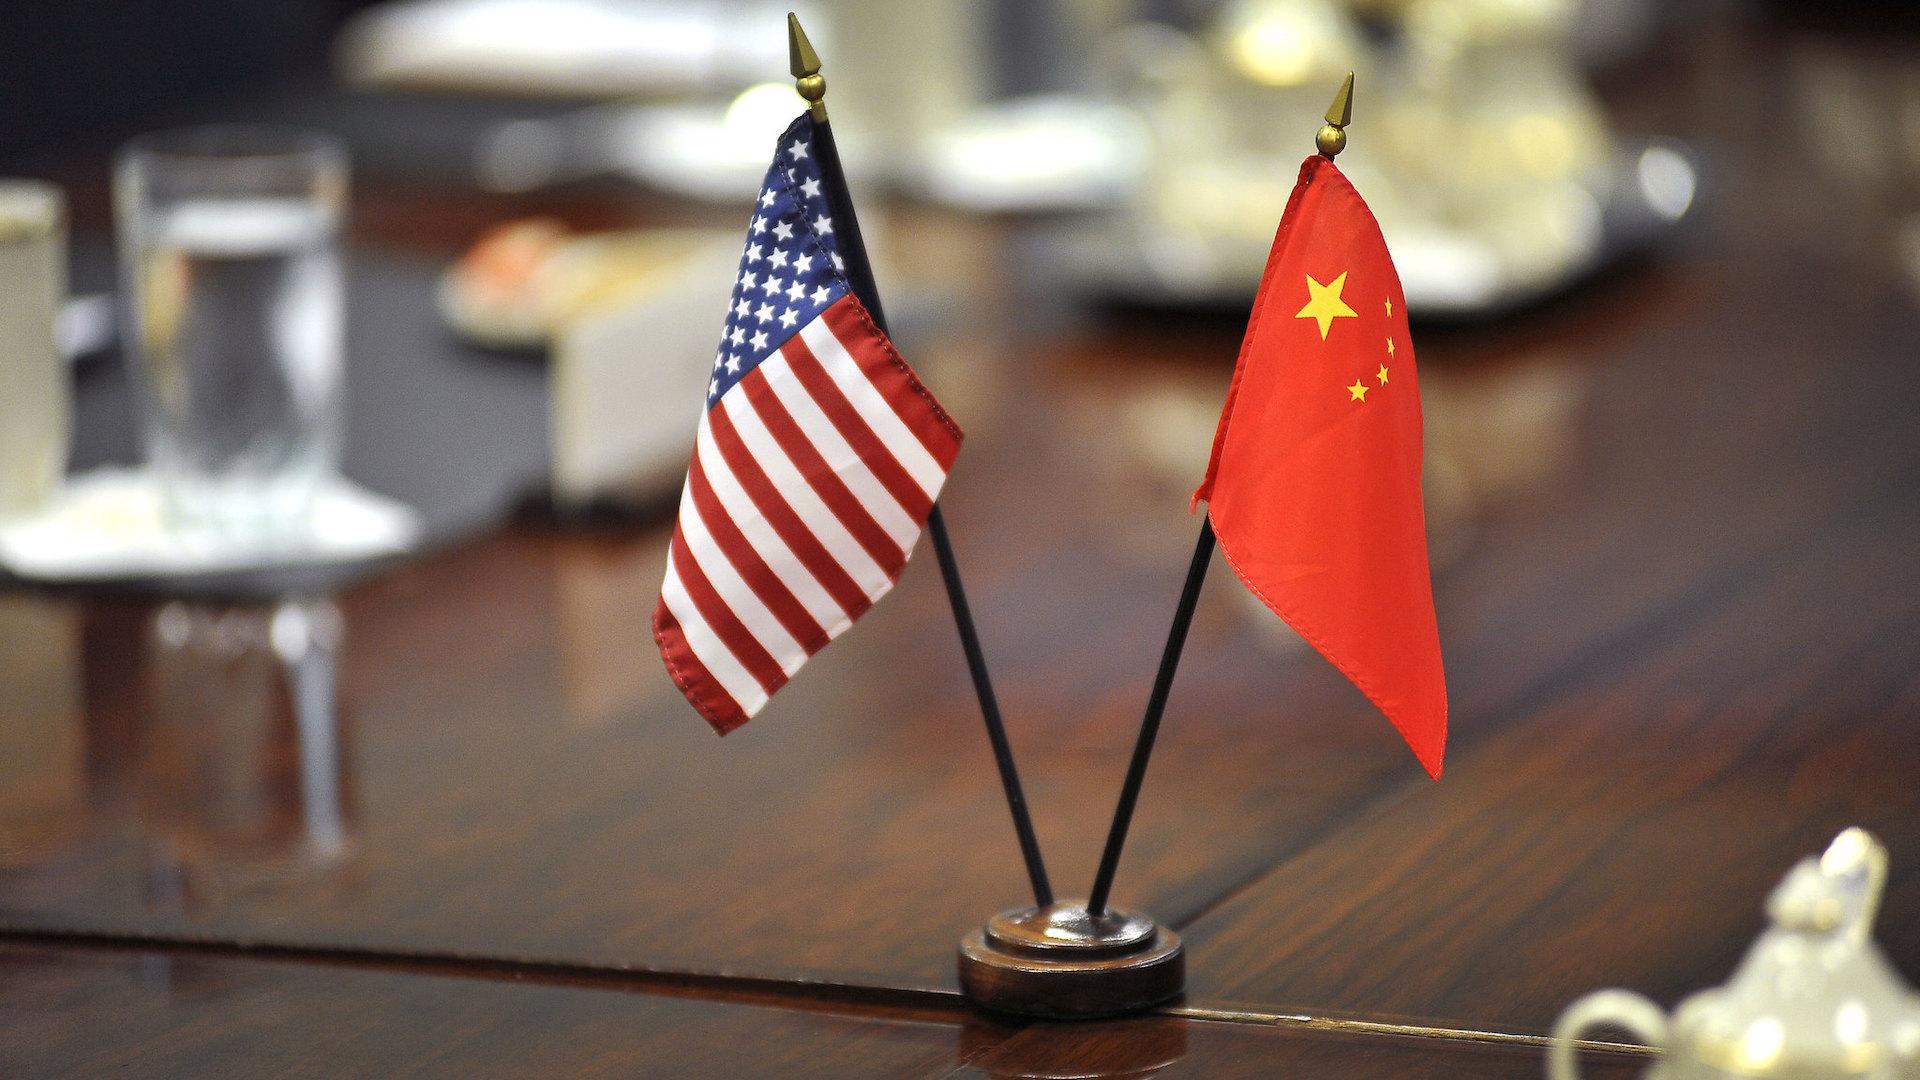 Les USA lancent une chasse à l'homme contre 5 hackers chinois, accusés de cyberespionnage